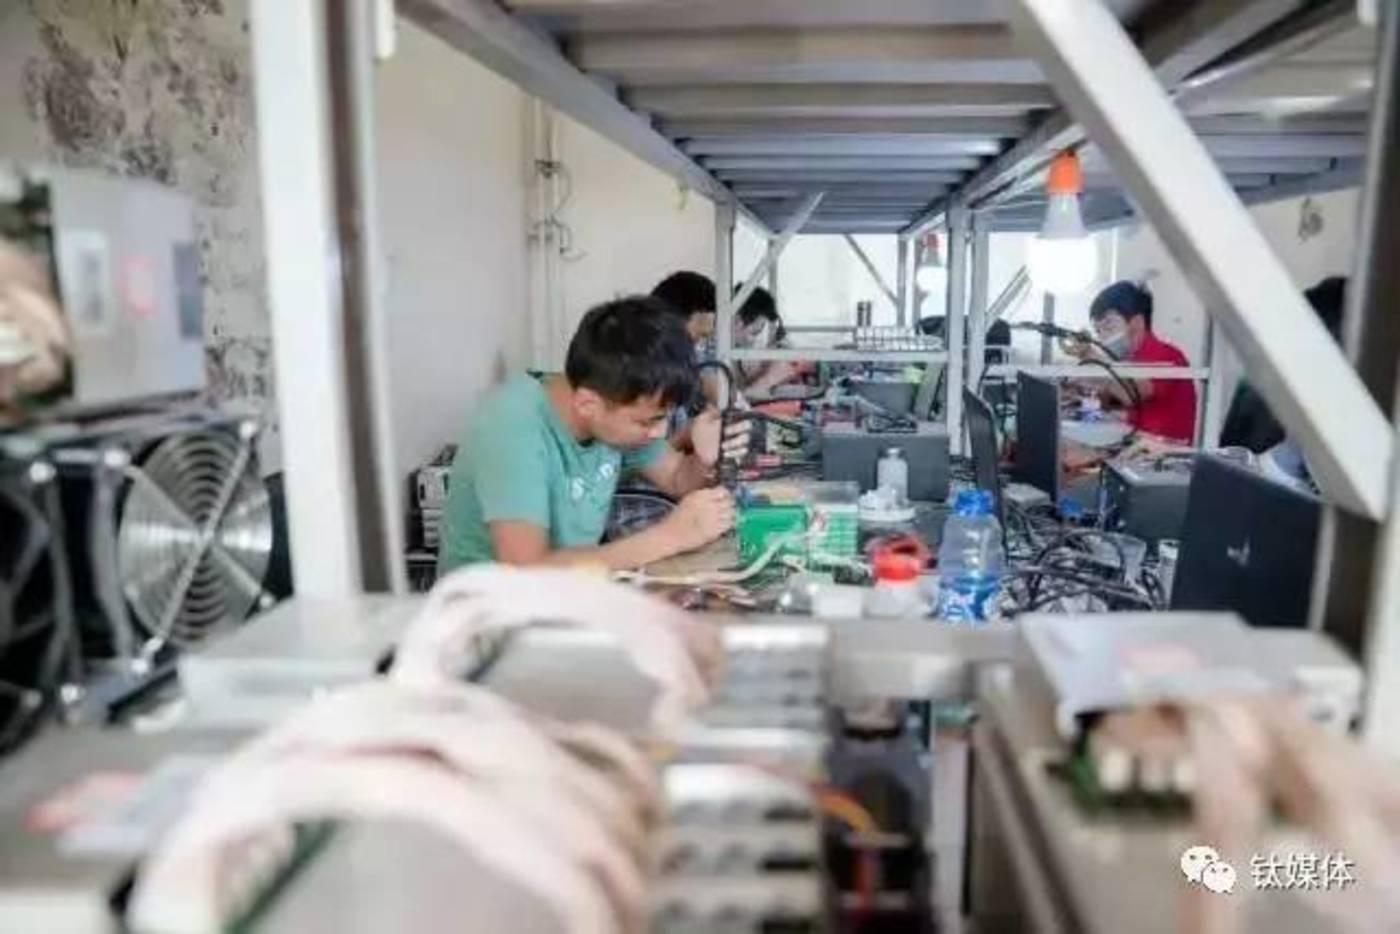 鄂尔多斯比特大陆矿池的维修工人